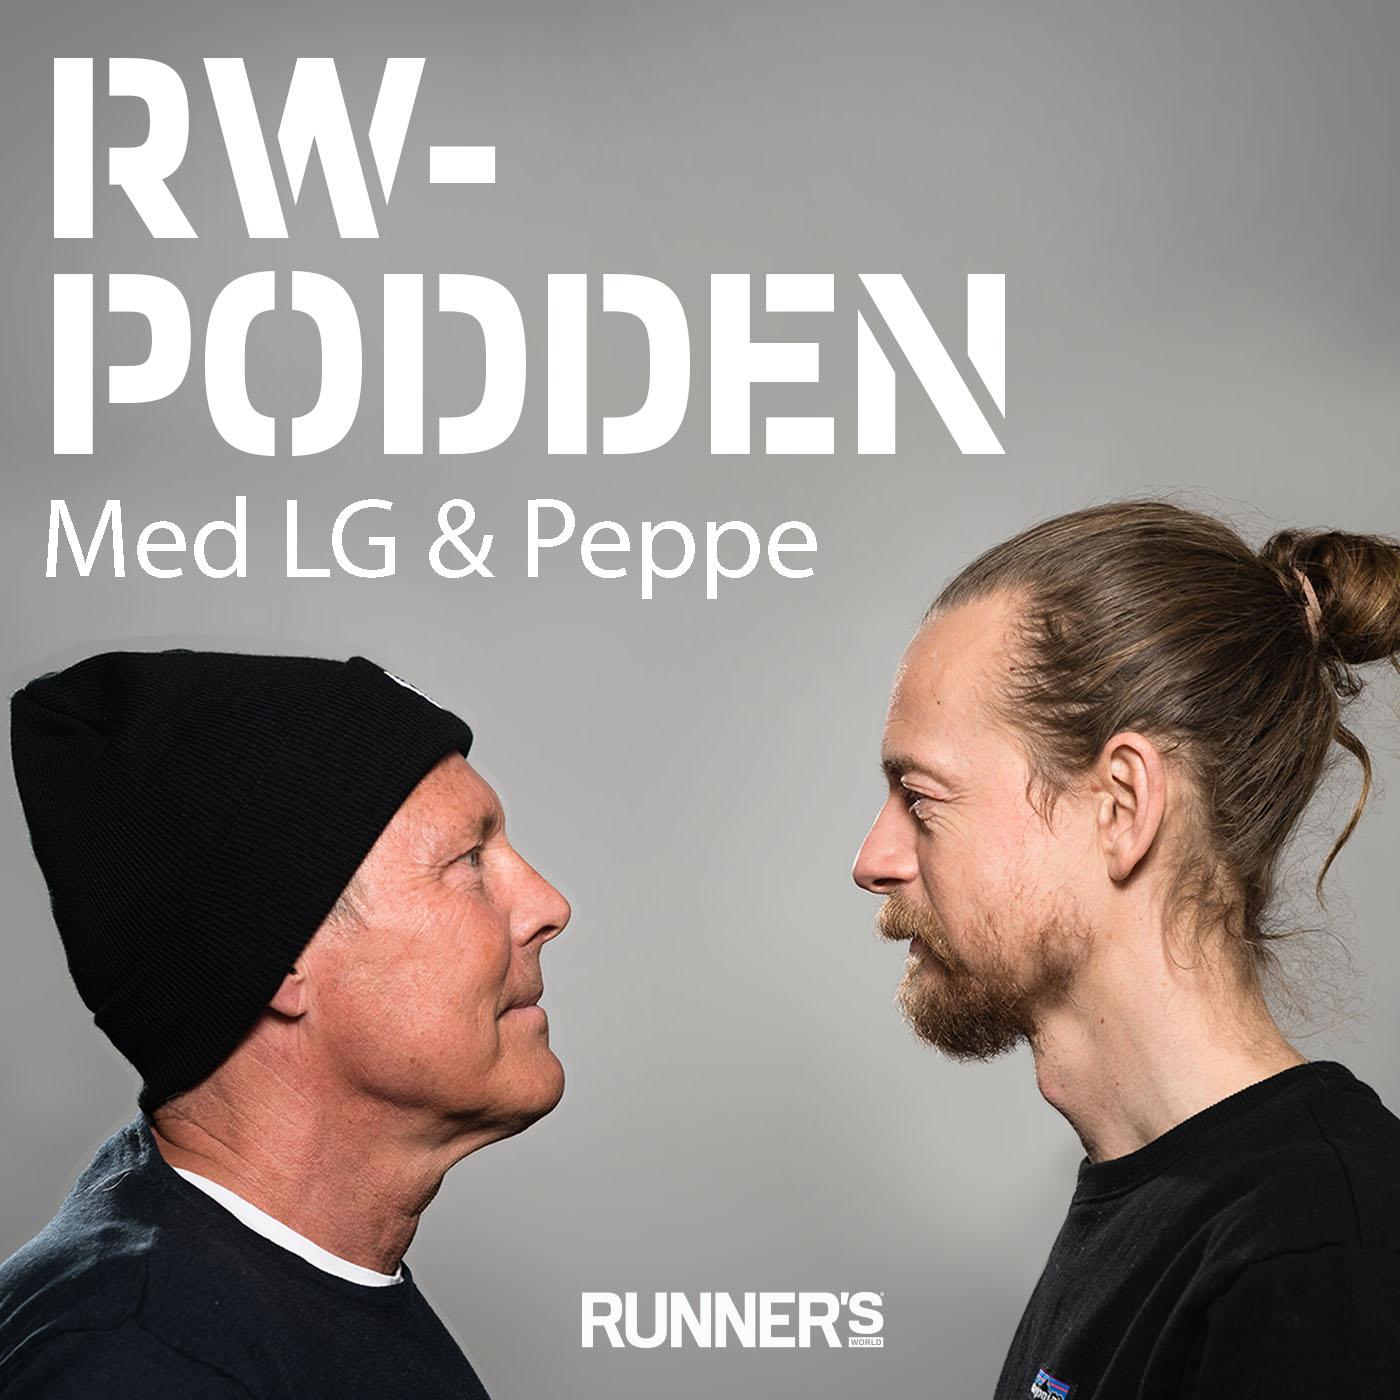 RW-podden med LG & Peppe show art